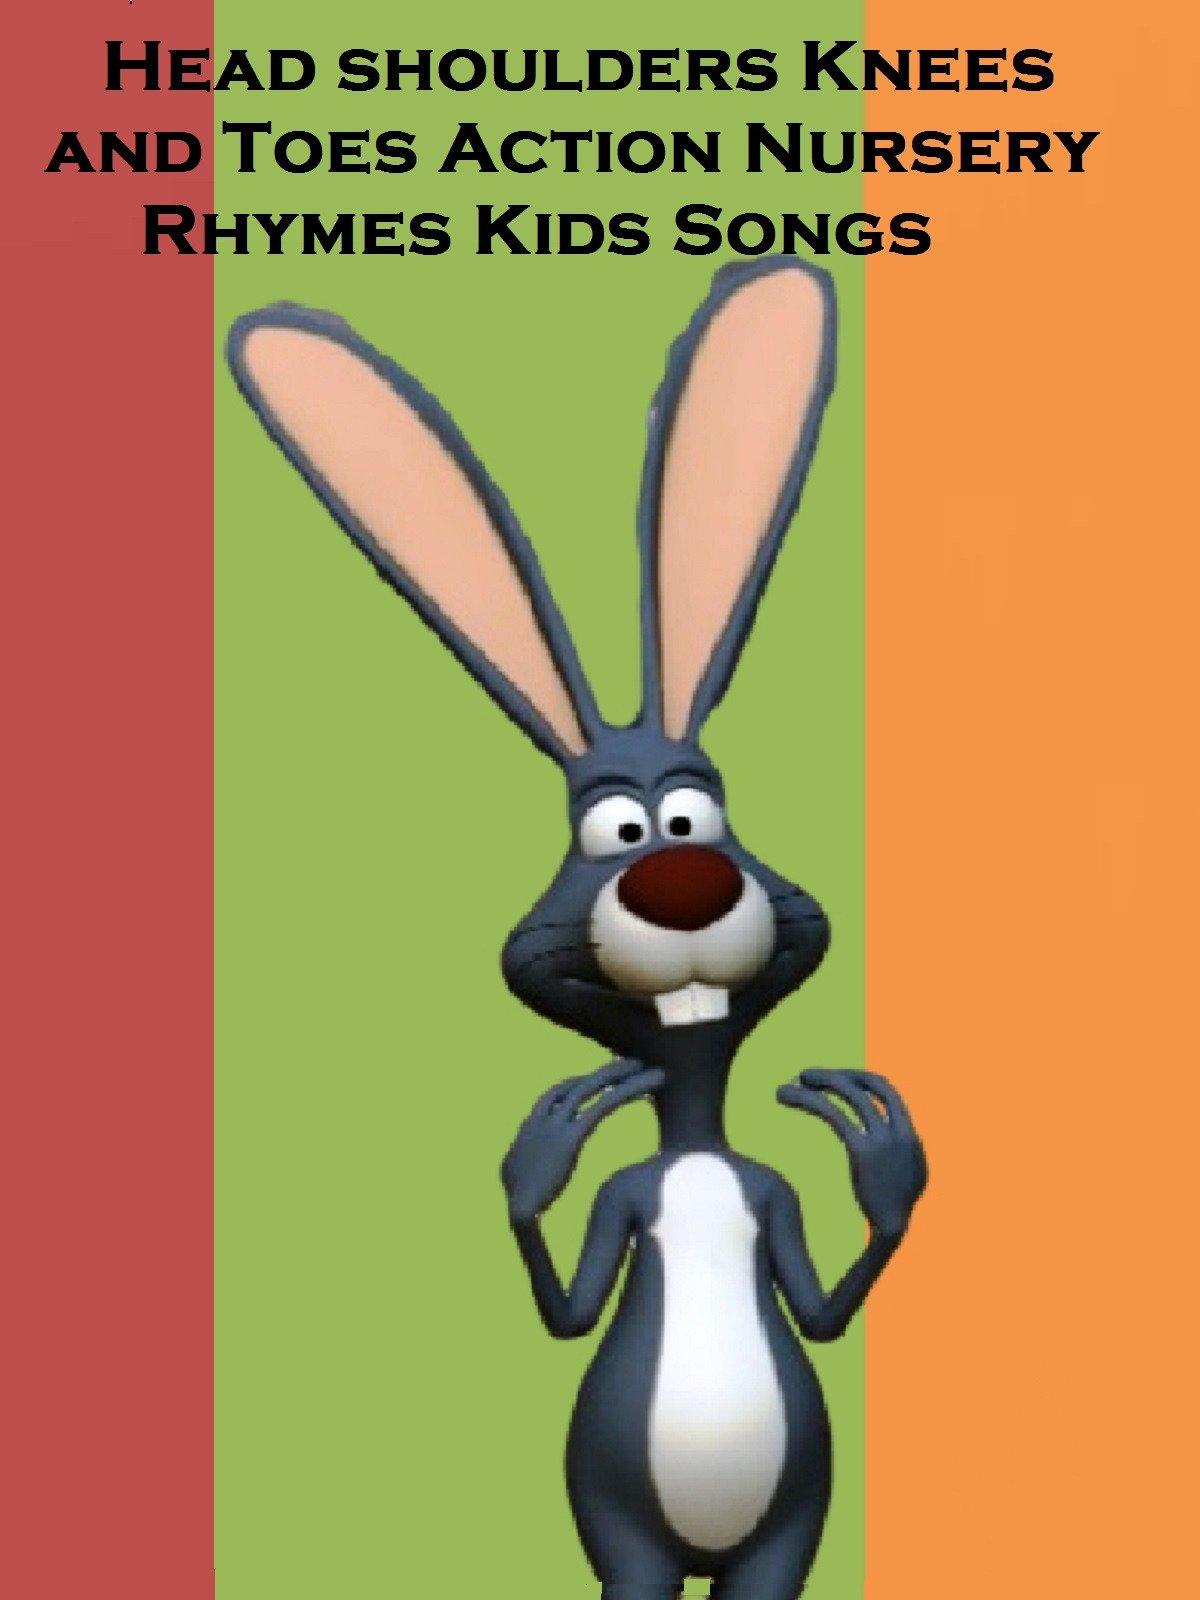 Head shoulders Knees and Toes Action Nursery Rhymes Kids Songs